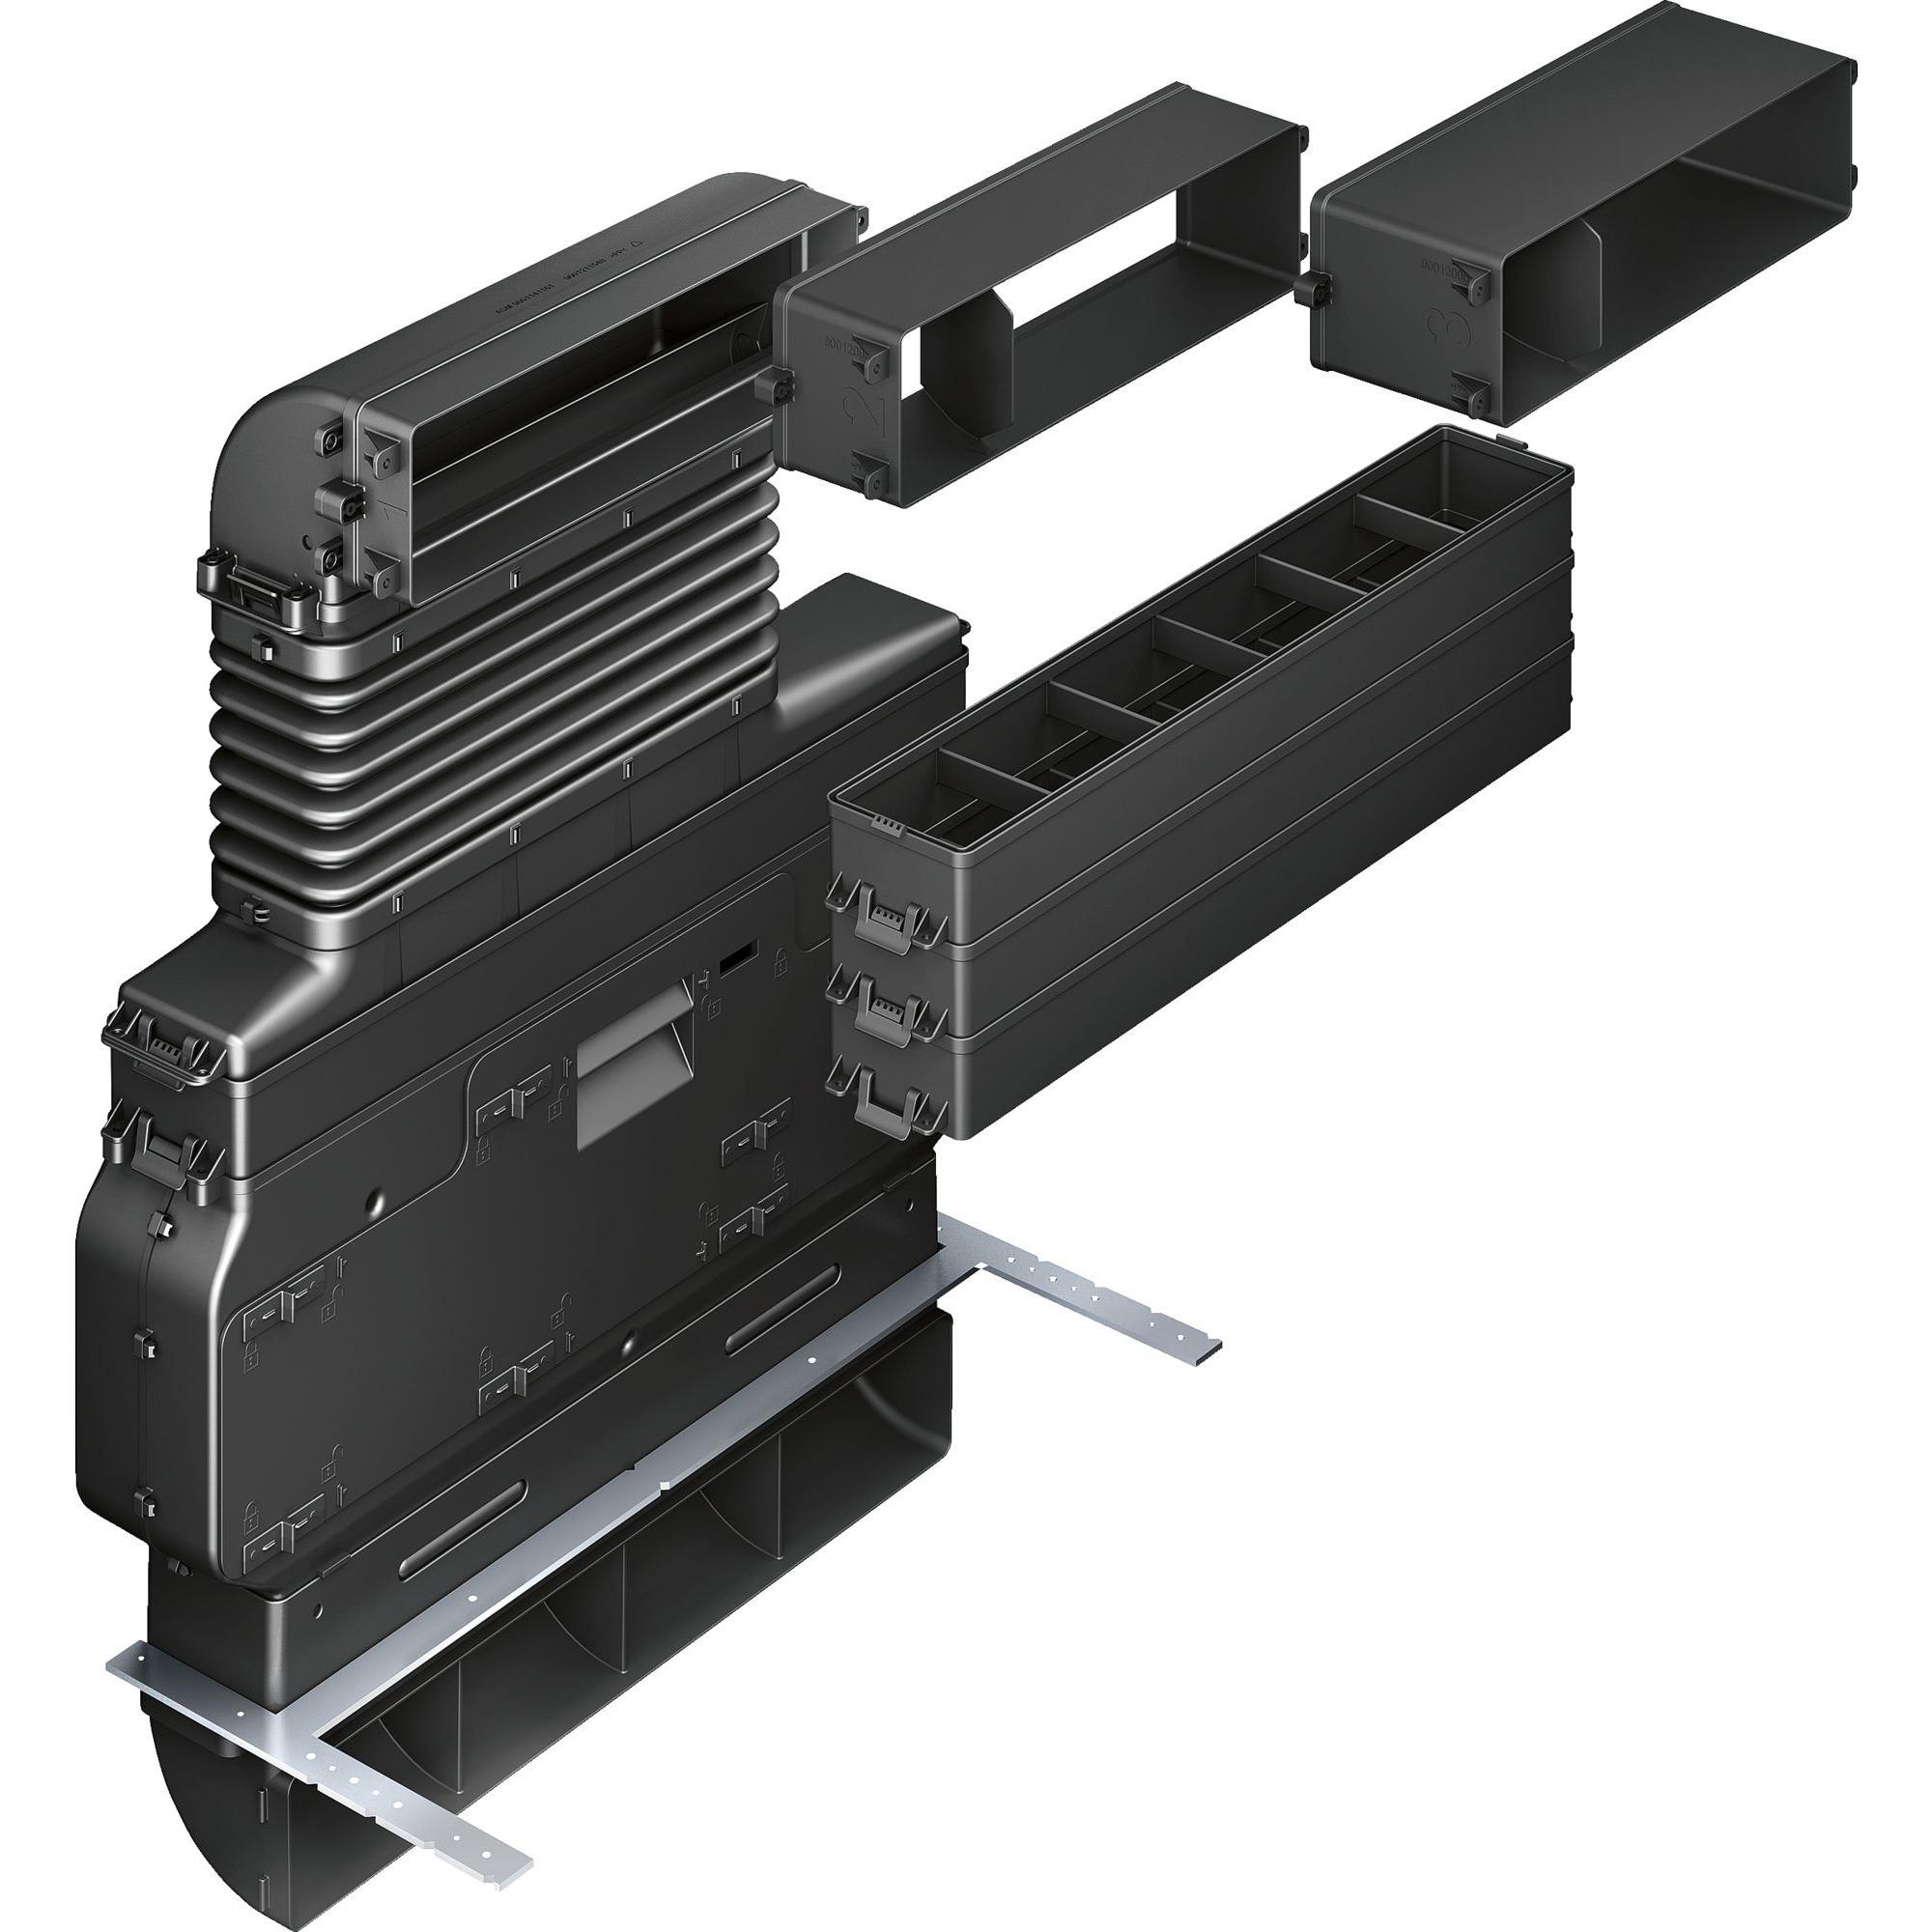 HEZ381501 accesorio para campana de estufa Filtro para campana extractora, Set de modificación